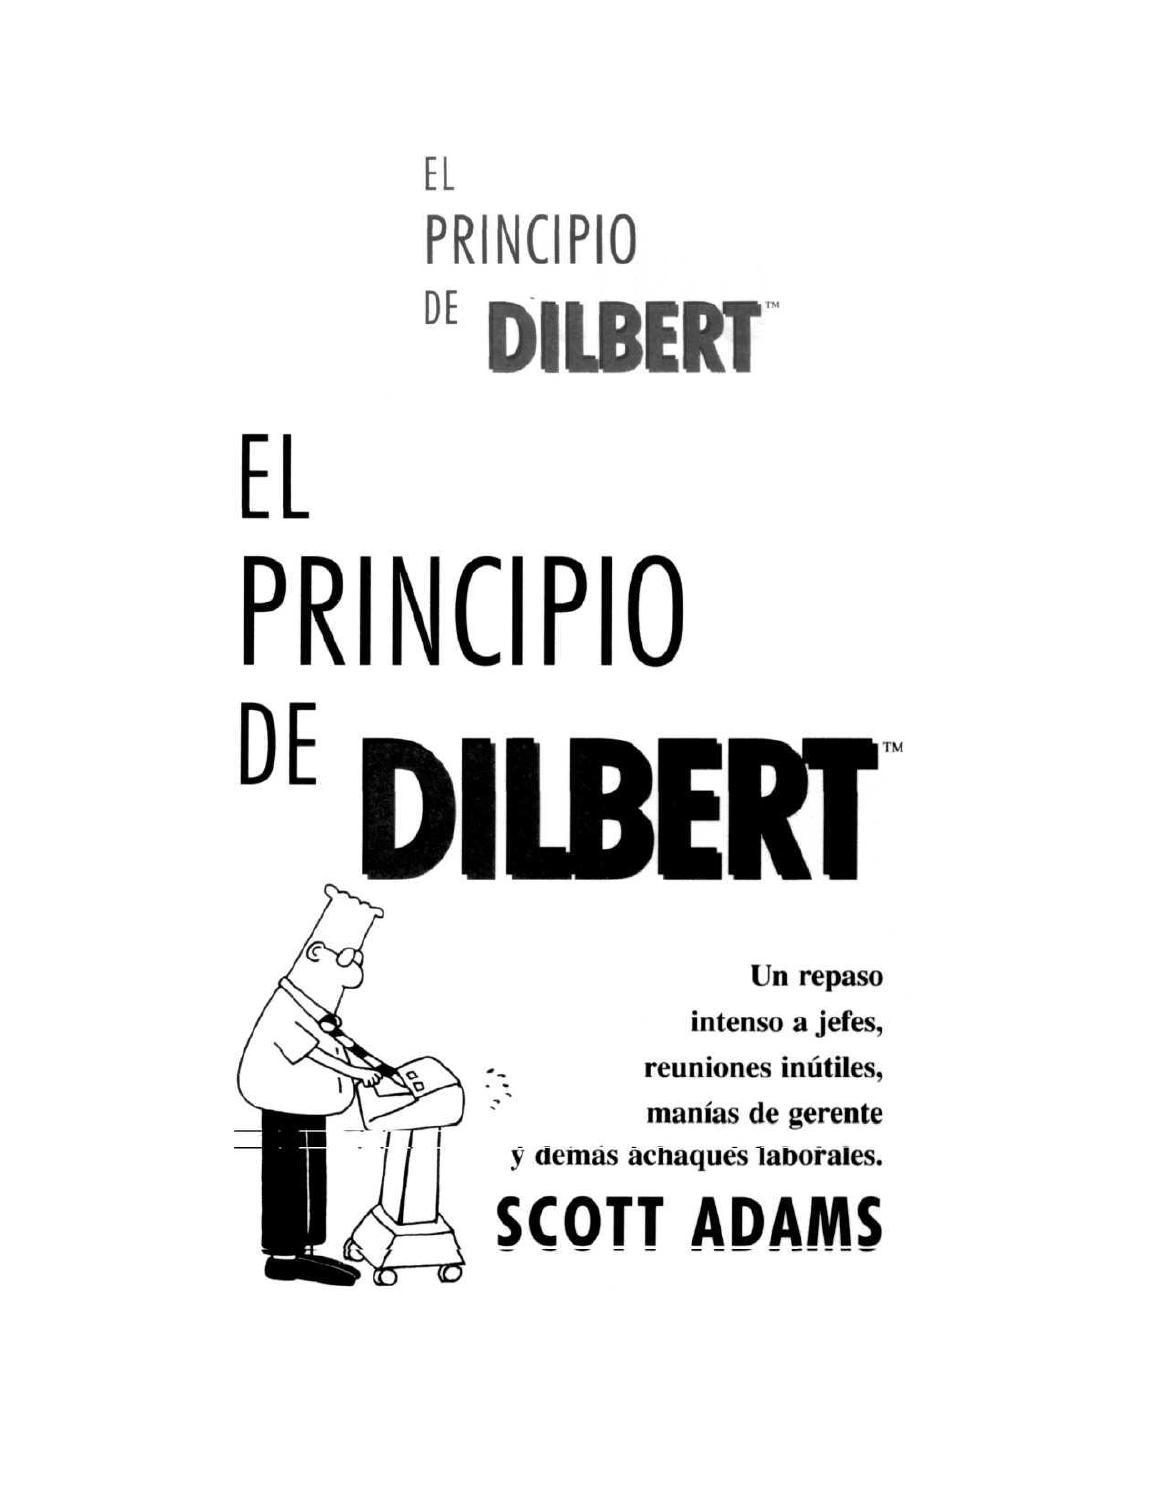 El principio de dilbert by Victorino Redondo Fidalgo - issuu